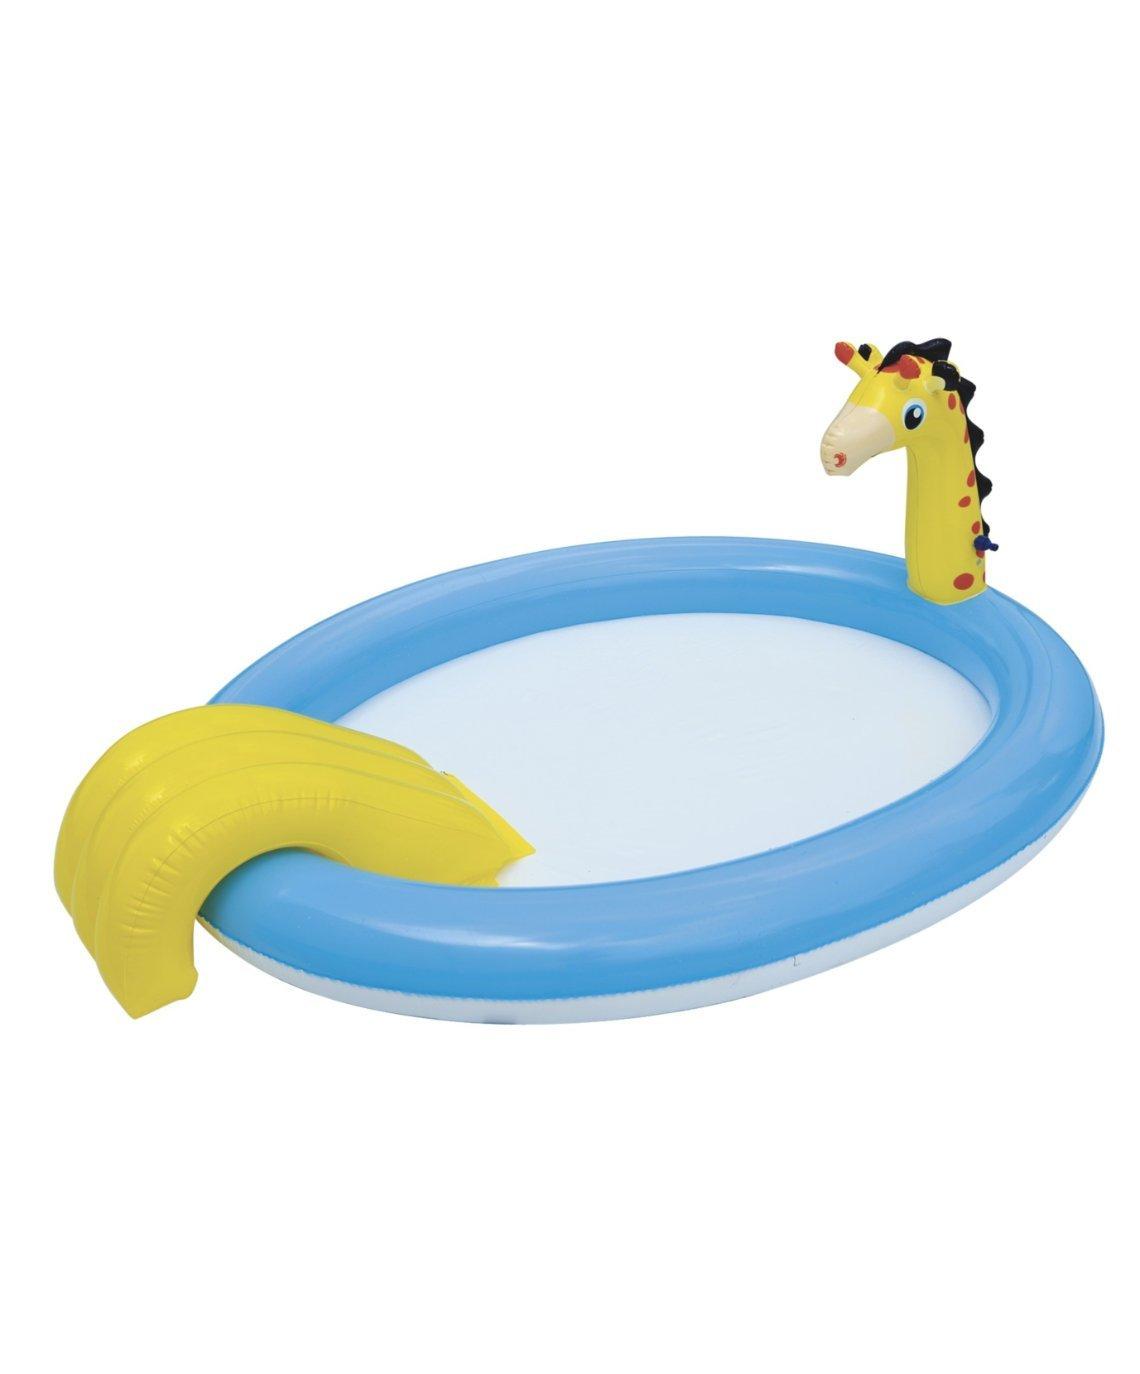 ELC Splash and Slide | Sylpojessica Toys Rental - Sewa menyewa jadi lebih mudah di Spotsewa